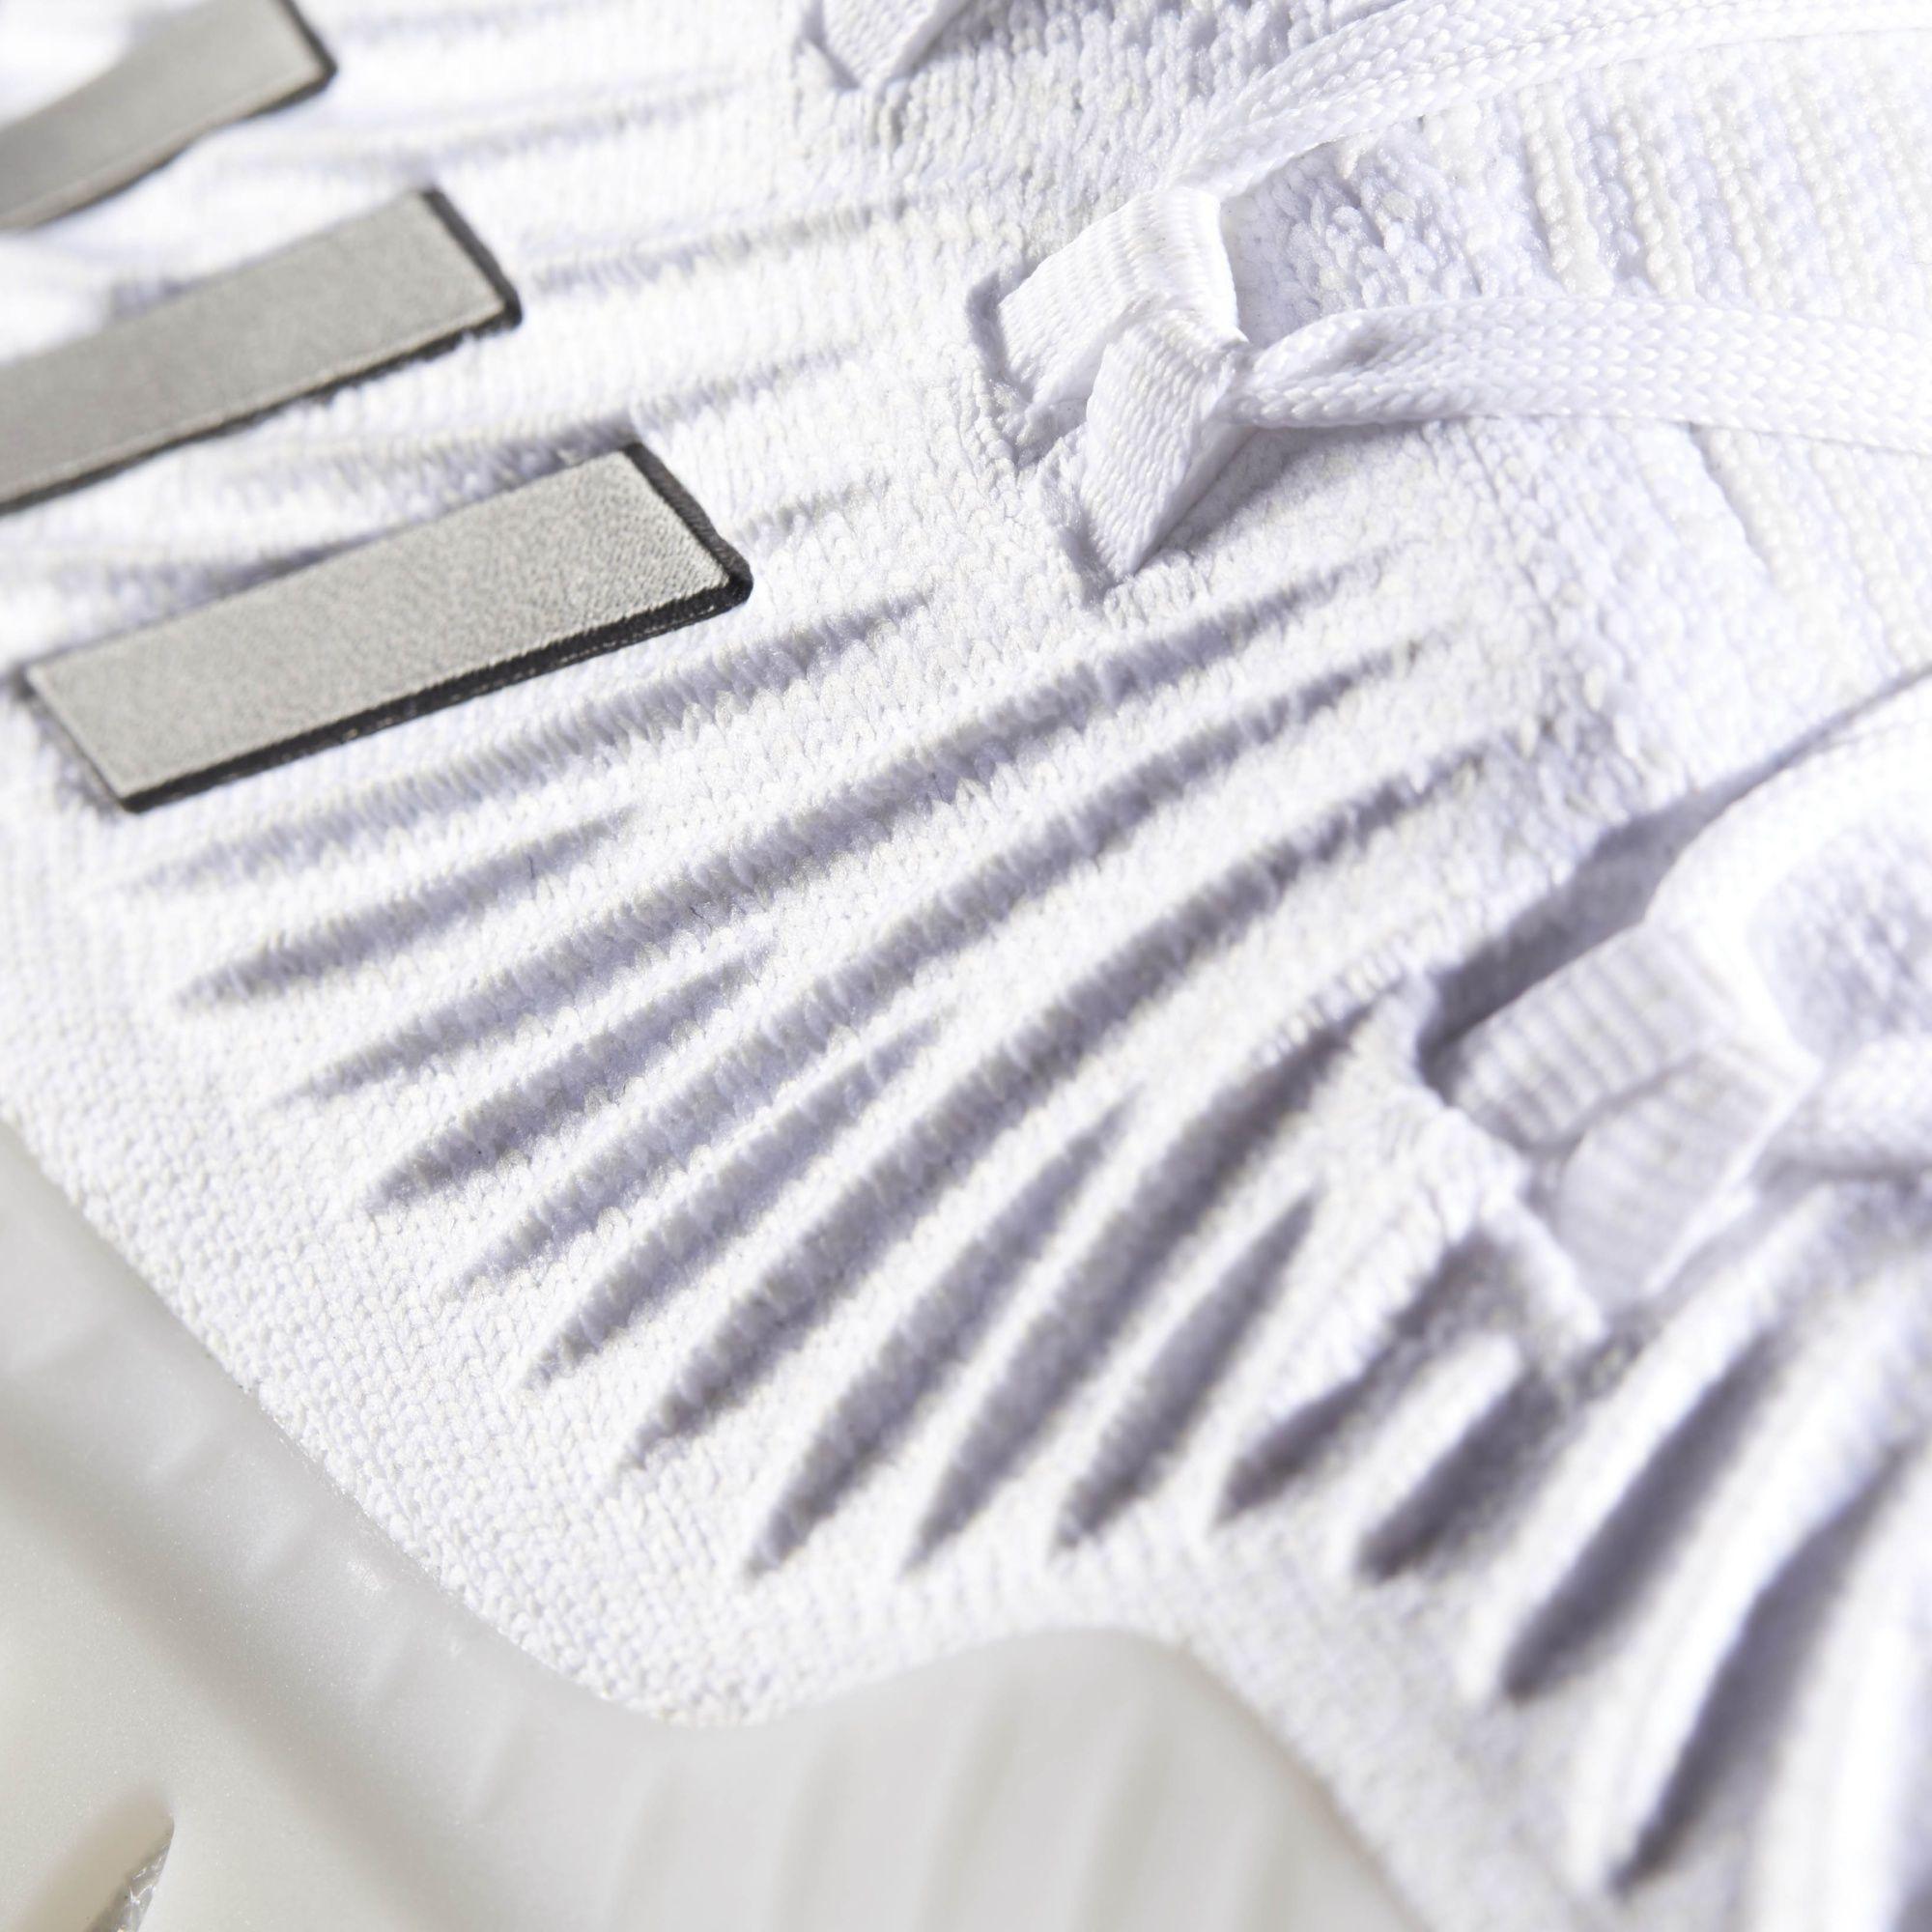 Adidas pazzo esplosivo 2017 bianco per weartesters pre - 8